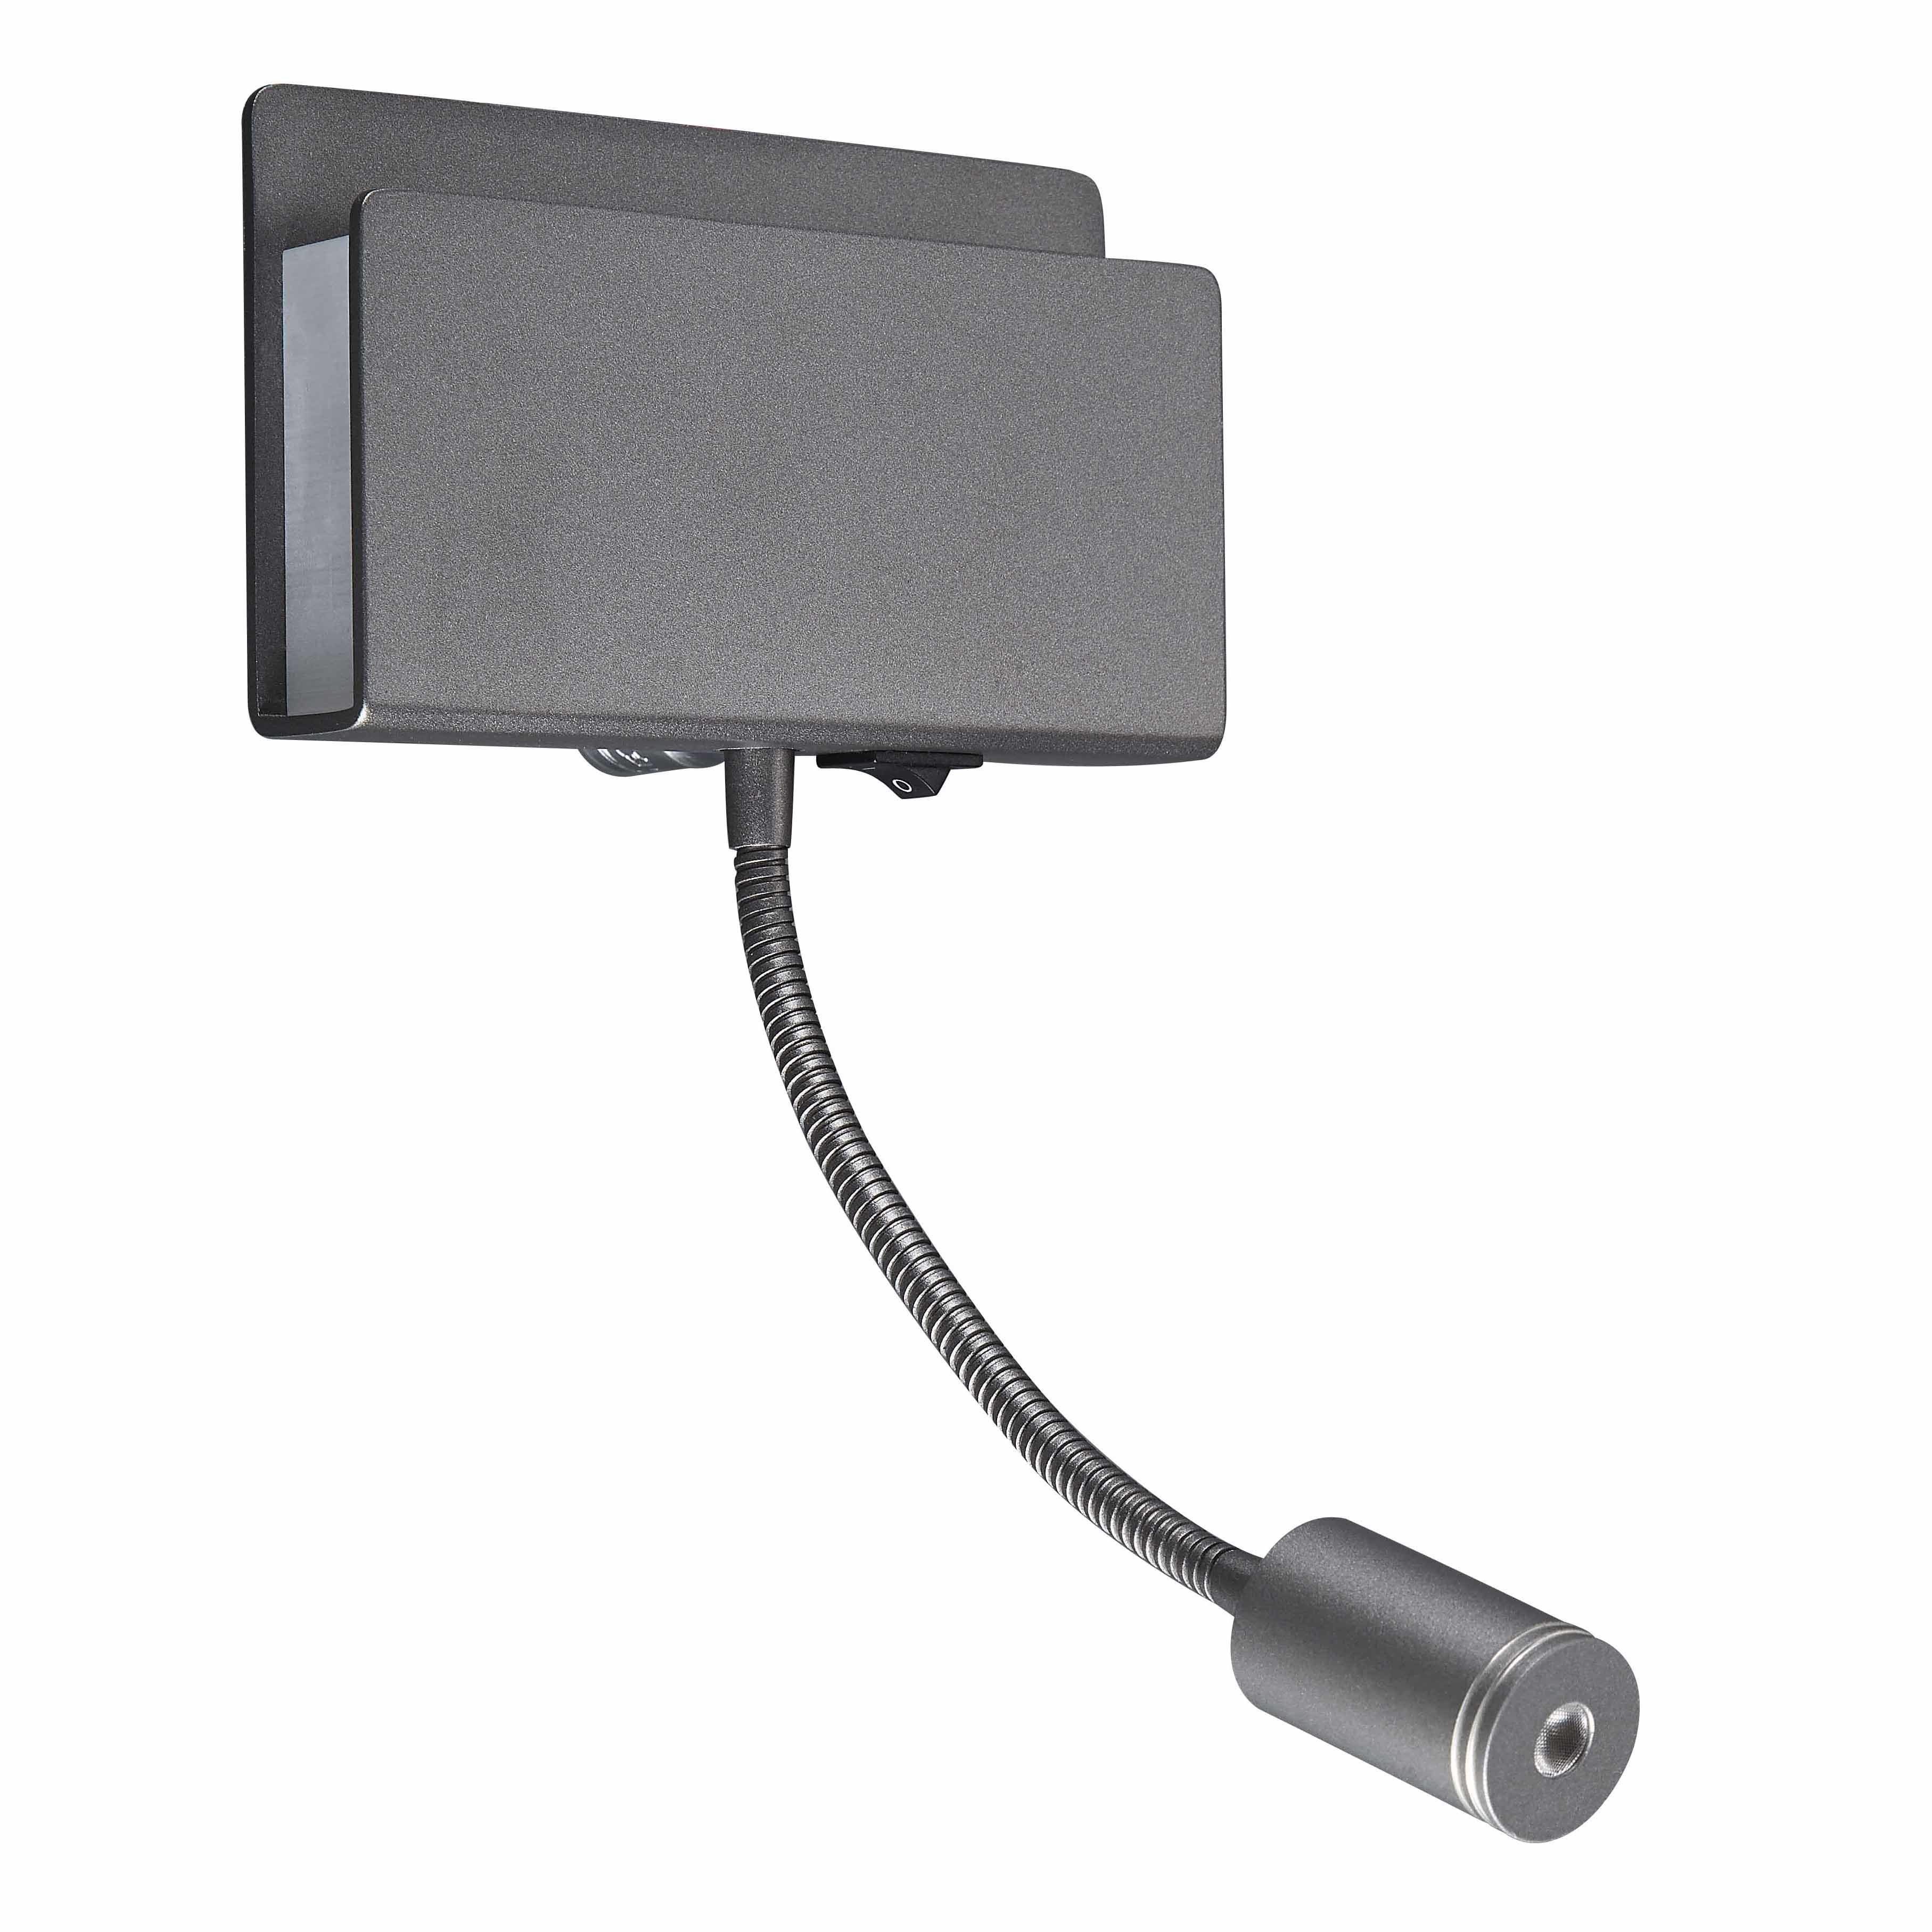 Настенный светильник с регулировкой направления света с дополнительной подсветкой Mantra Cabarete 5714, белый, черный, металл, пластик - фото 1